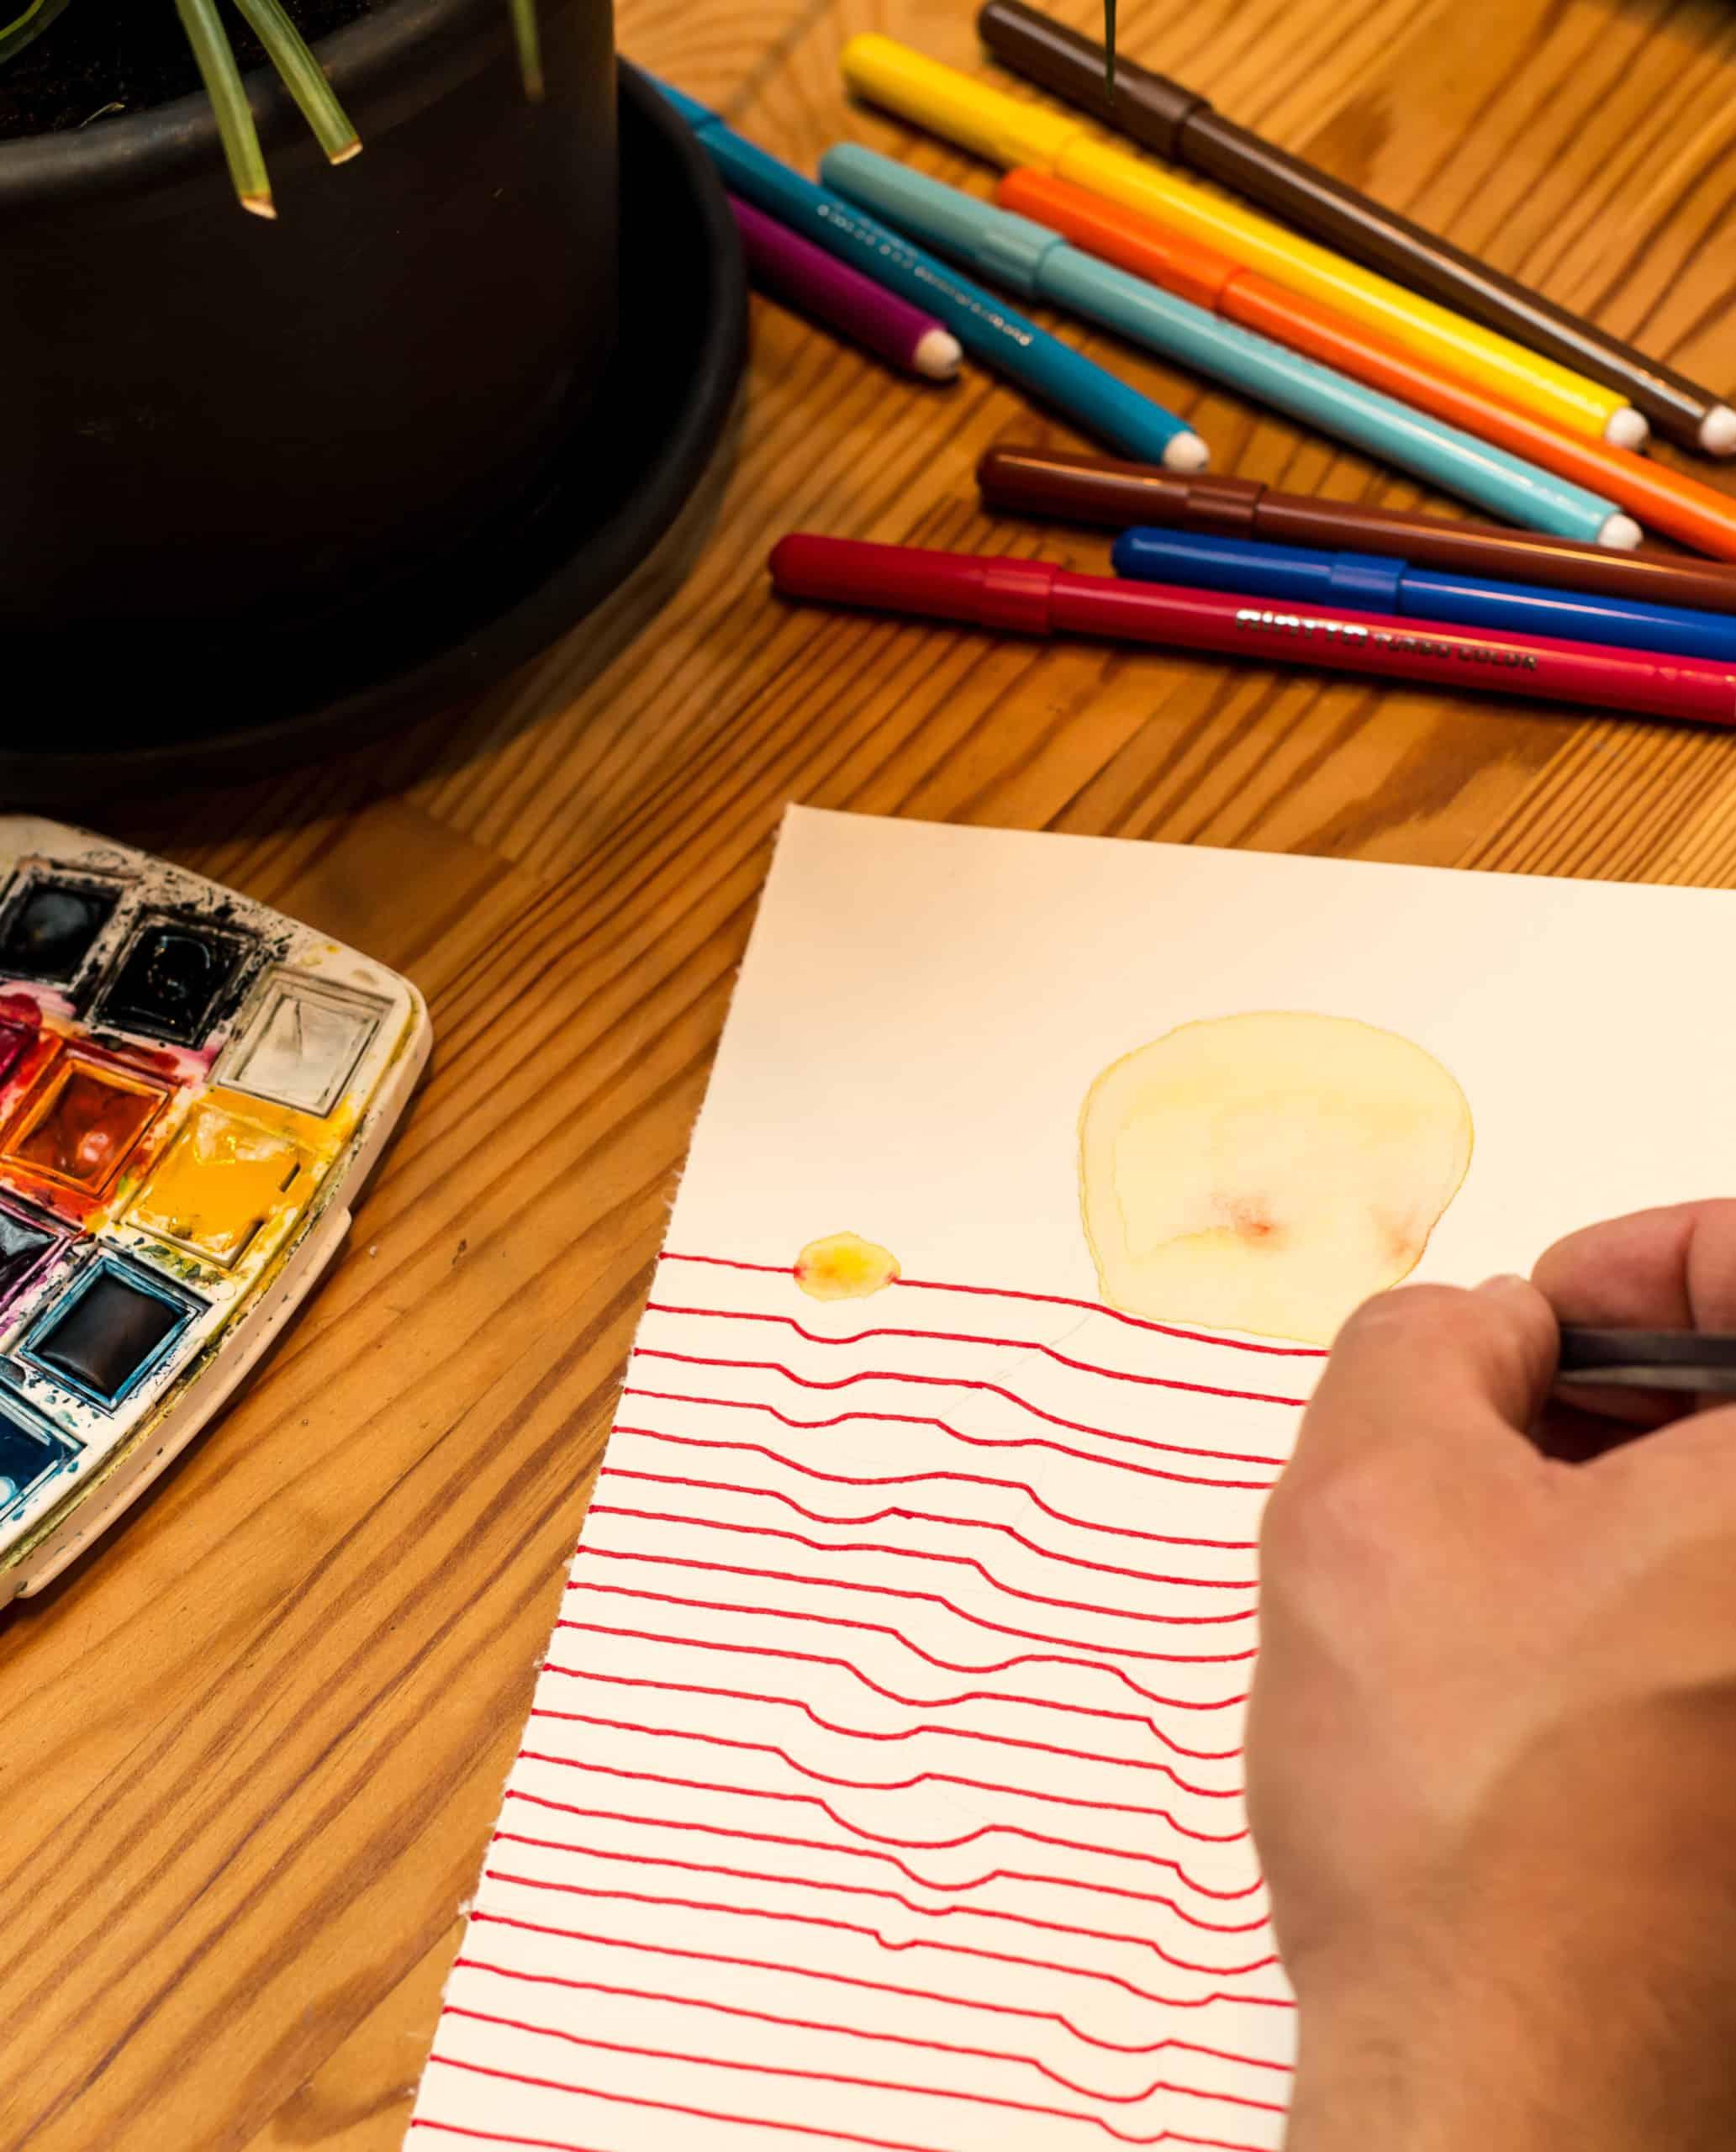 Aulas de Desenho à Distância